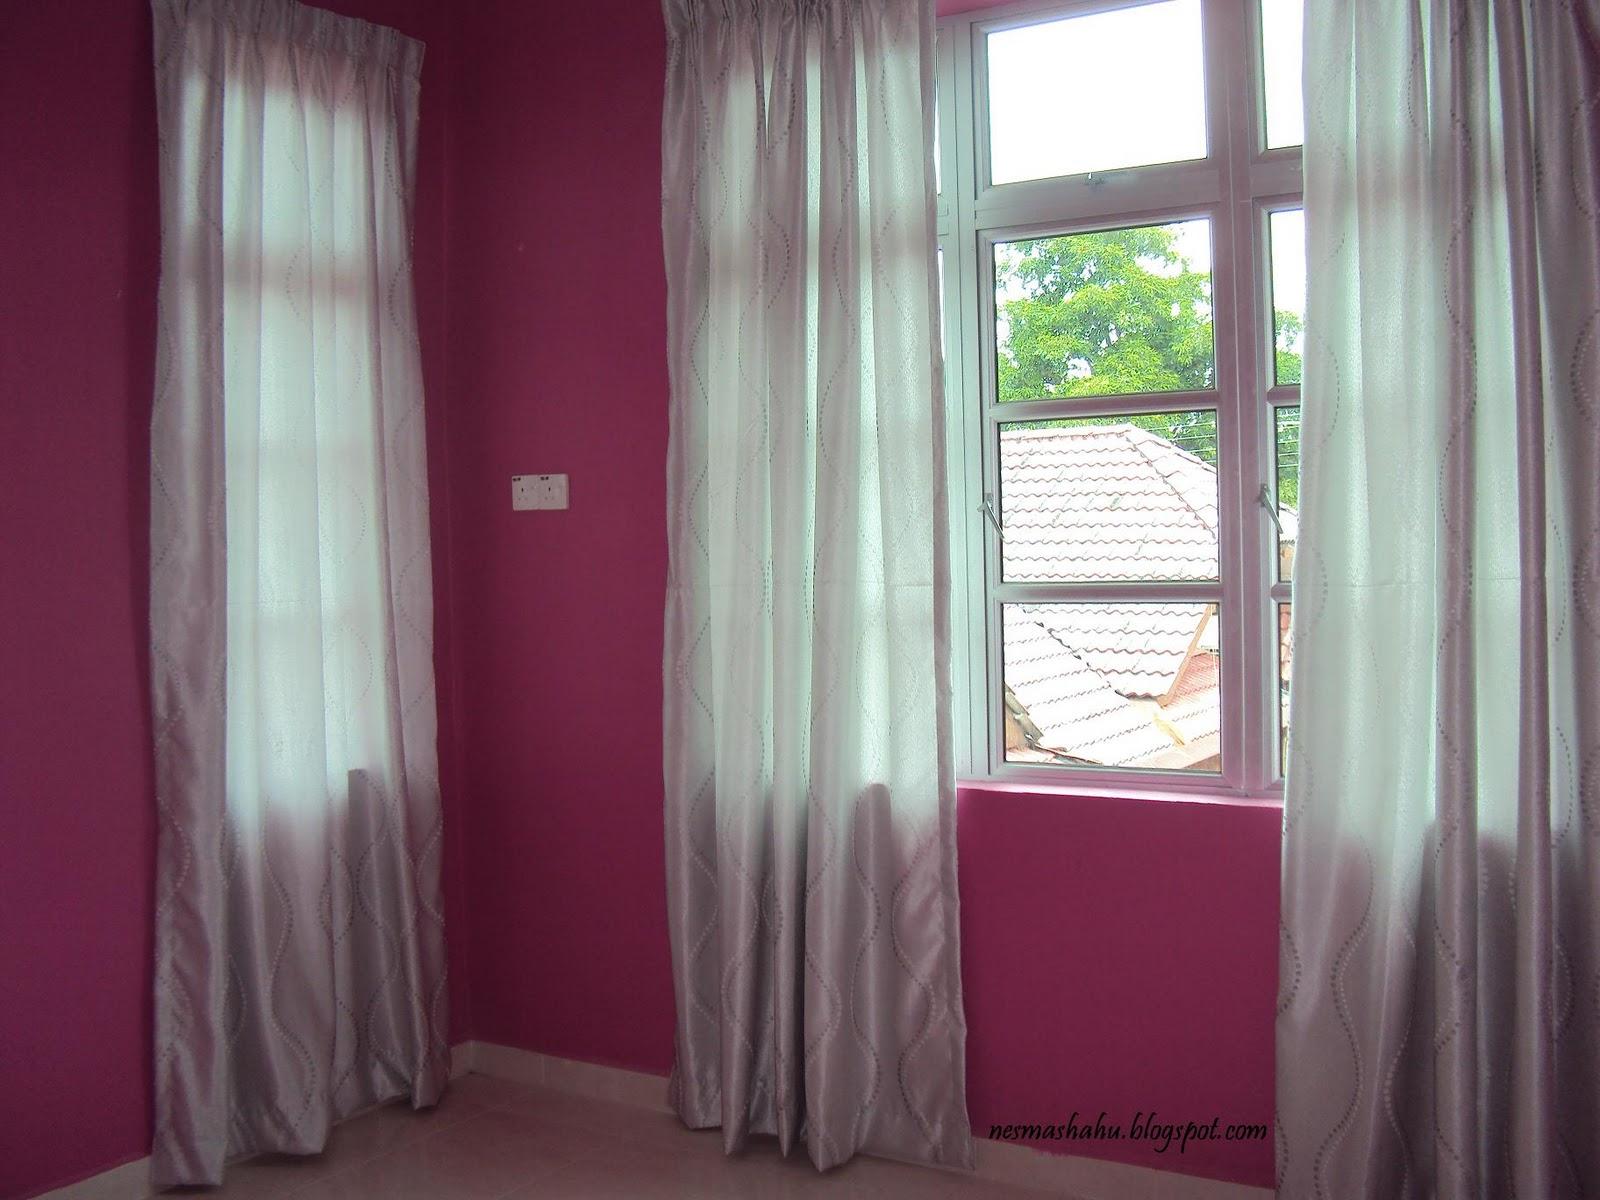 Ni Dah Bubuh Langsir Sama Tingkap Curtain Color Silver Sikit Tapi Kena Cahaya Nampak Lah Putih